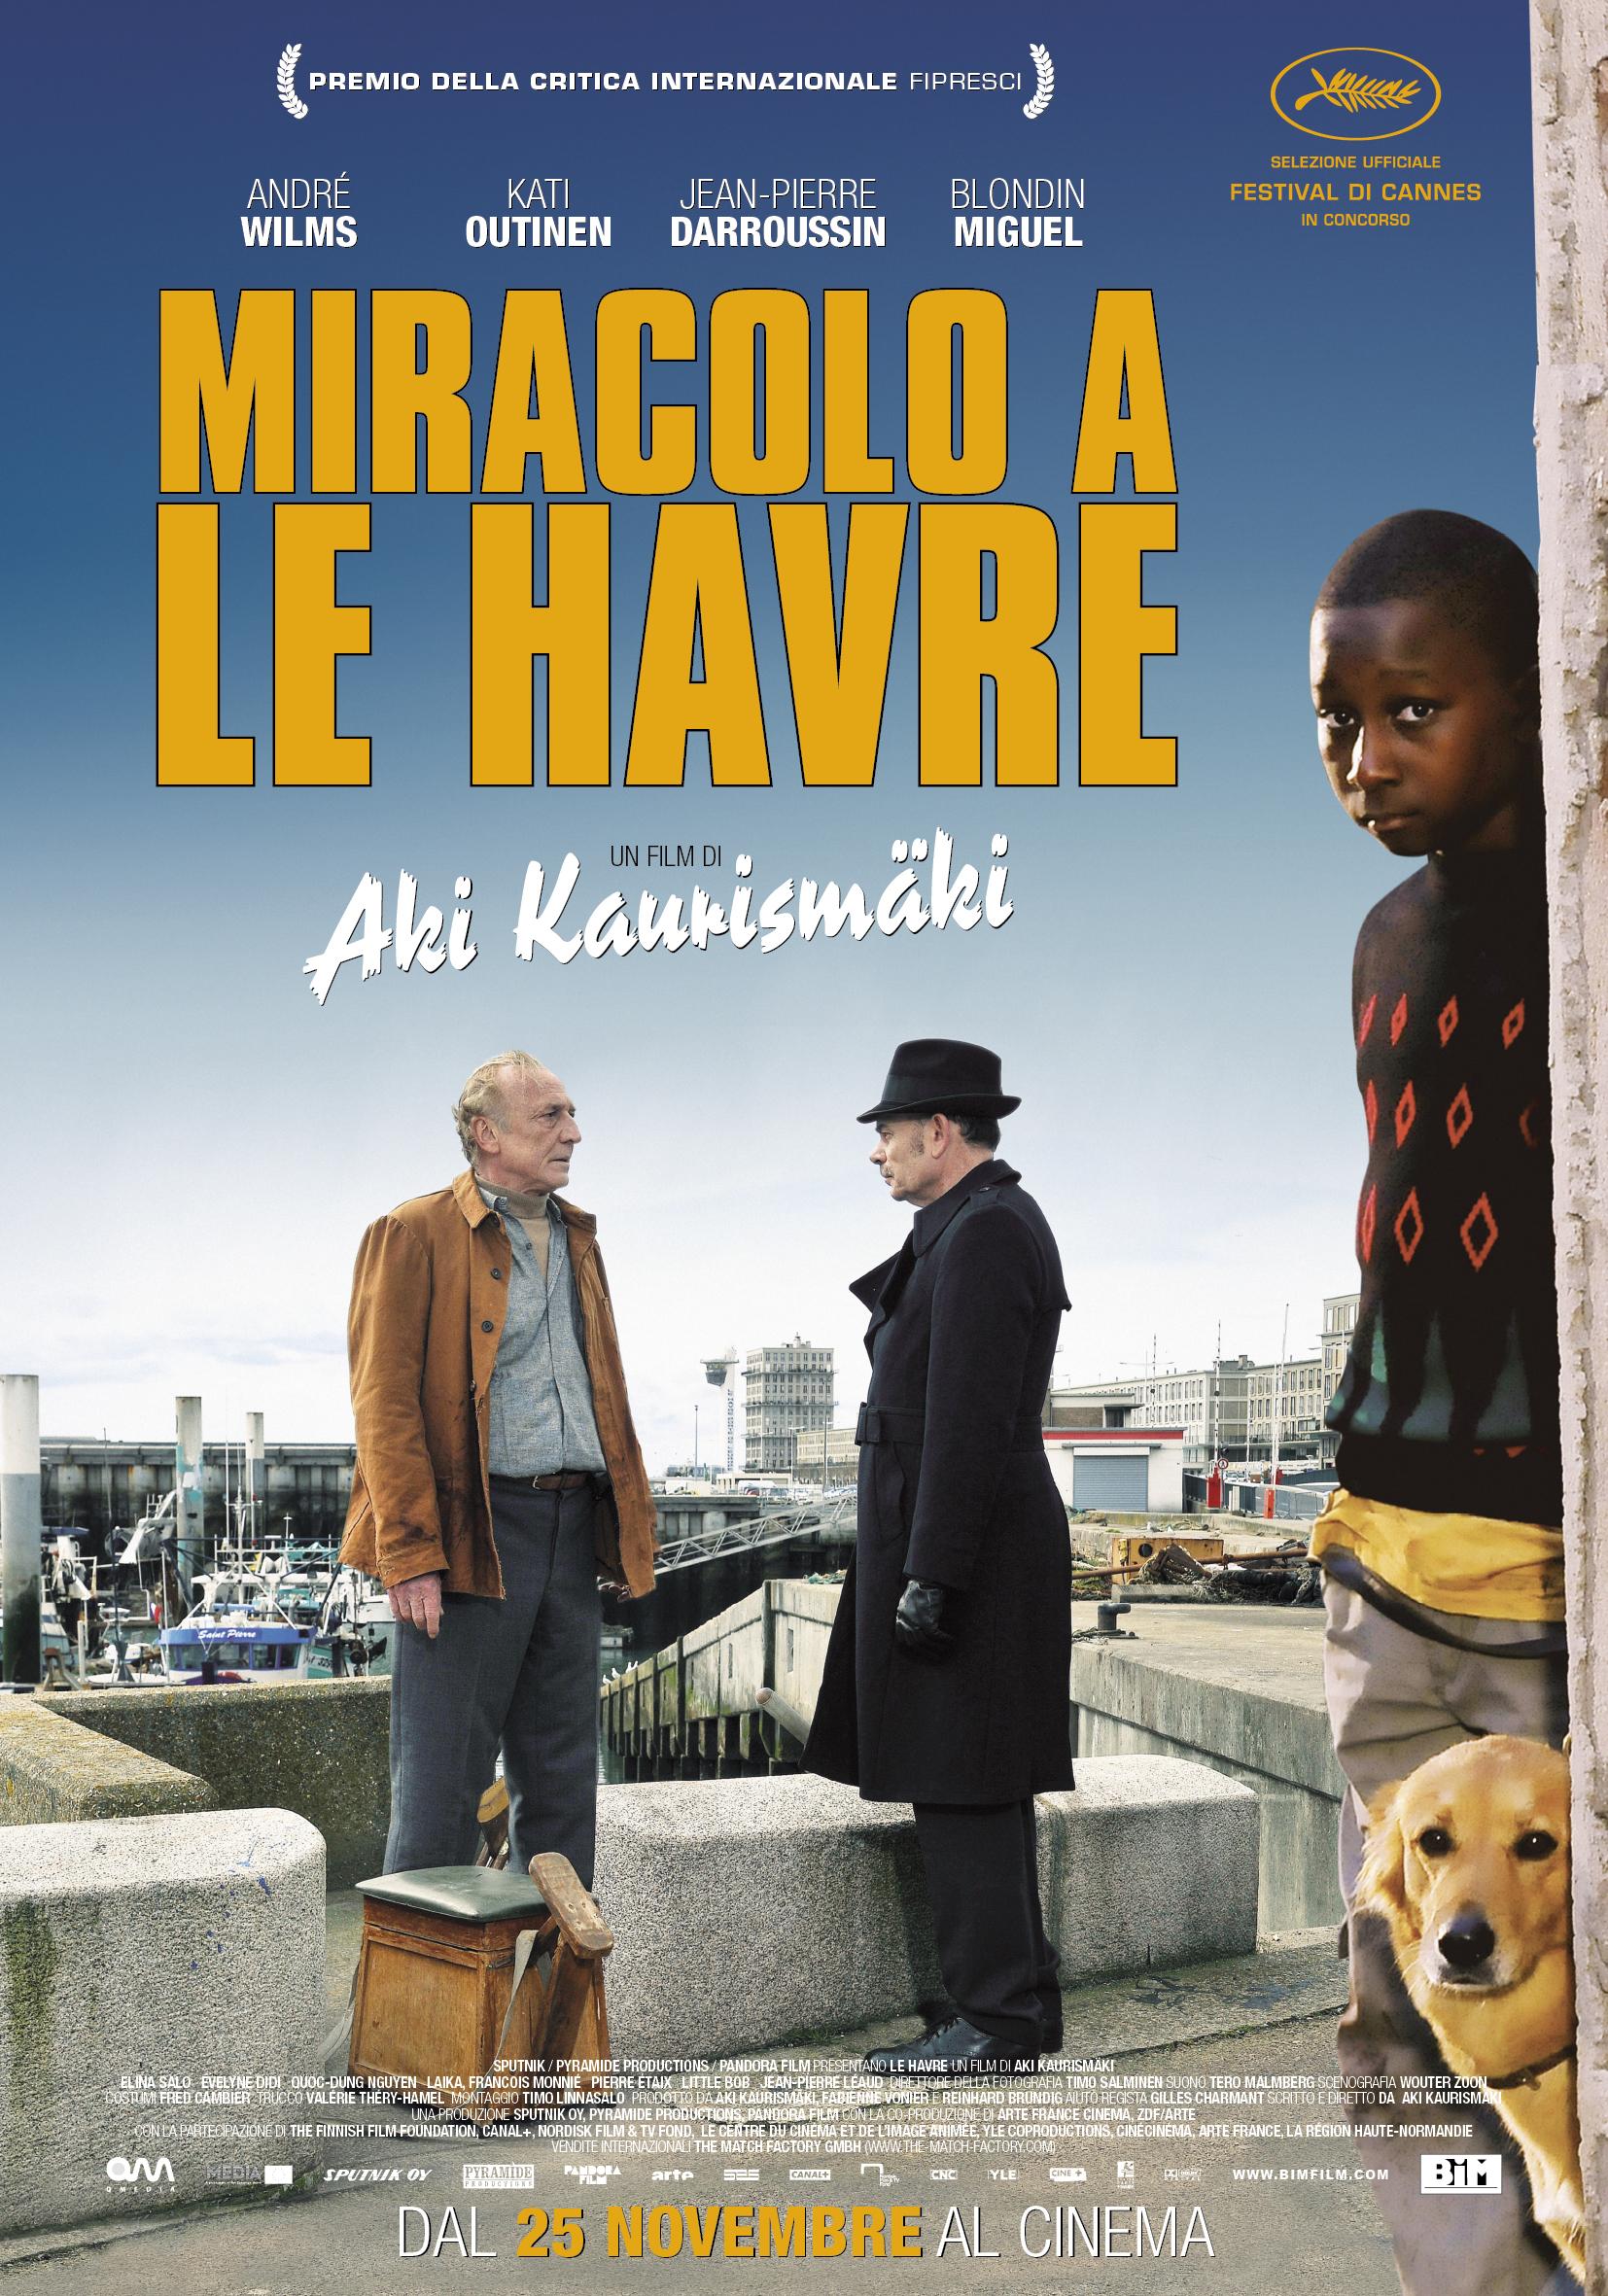 09.03.2017 - CineMolino - Miracolo a Le Havre di Aki Kaurismaki